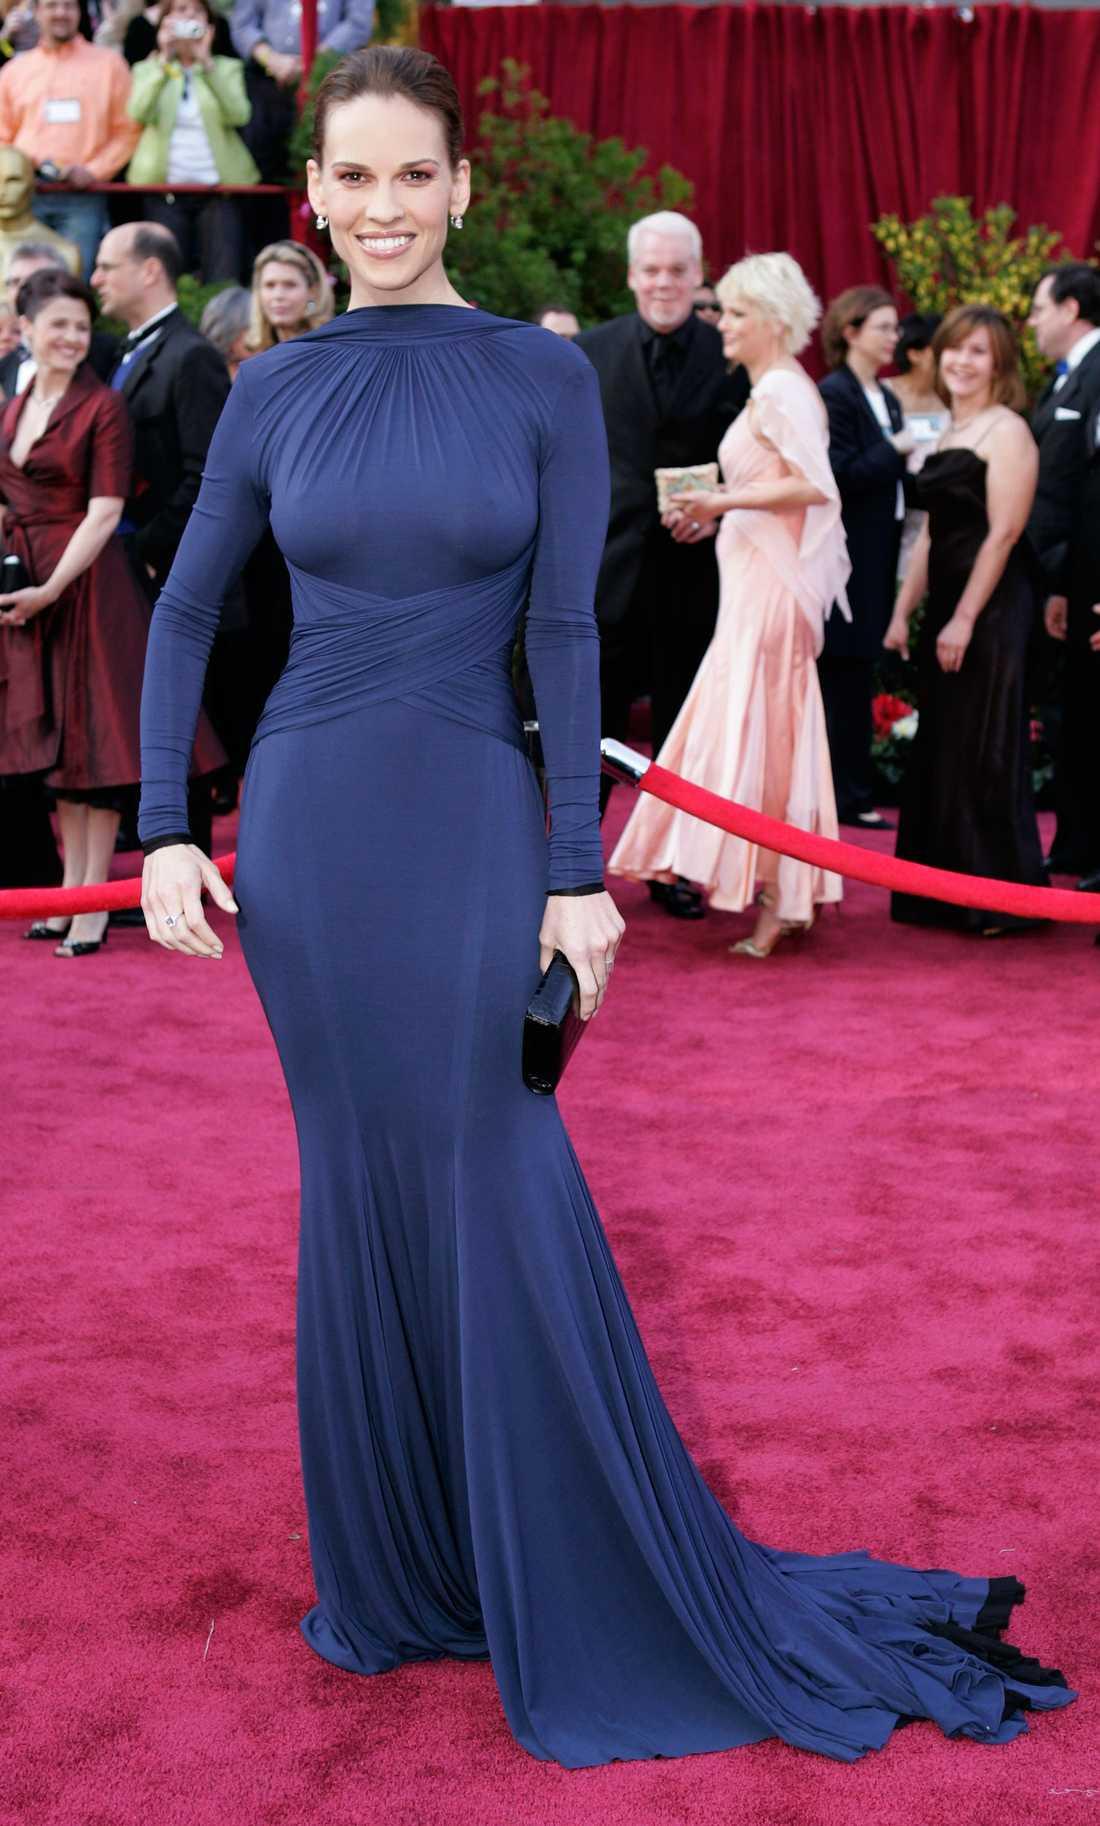 """Hilary Swank 2005 """"I ett snäpp ändrade Swank hur alla kvinnor skulle äntra en röda matta från och med denna kväll. Tidigare hade ingen brytt sig om ryggen. Men från och med nu fick Hollywoods A-listers lära sig hur man poserar snyggt med ryggen mot kameran. Ingen lätt grej. Designern Guy Laroche satte fokus på baksidan och vi har aldrig släppt den sen dess."""""""